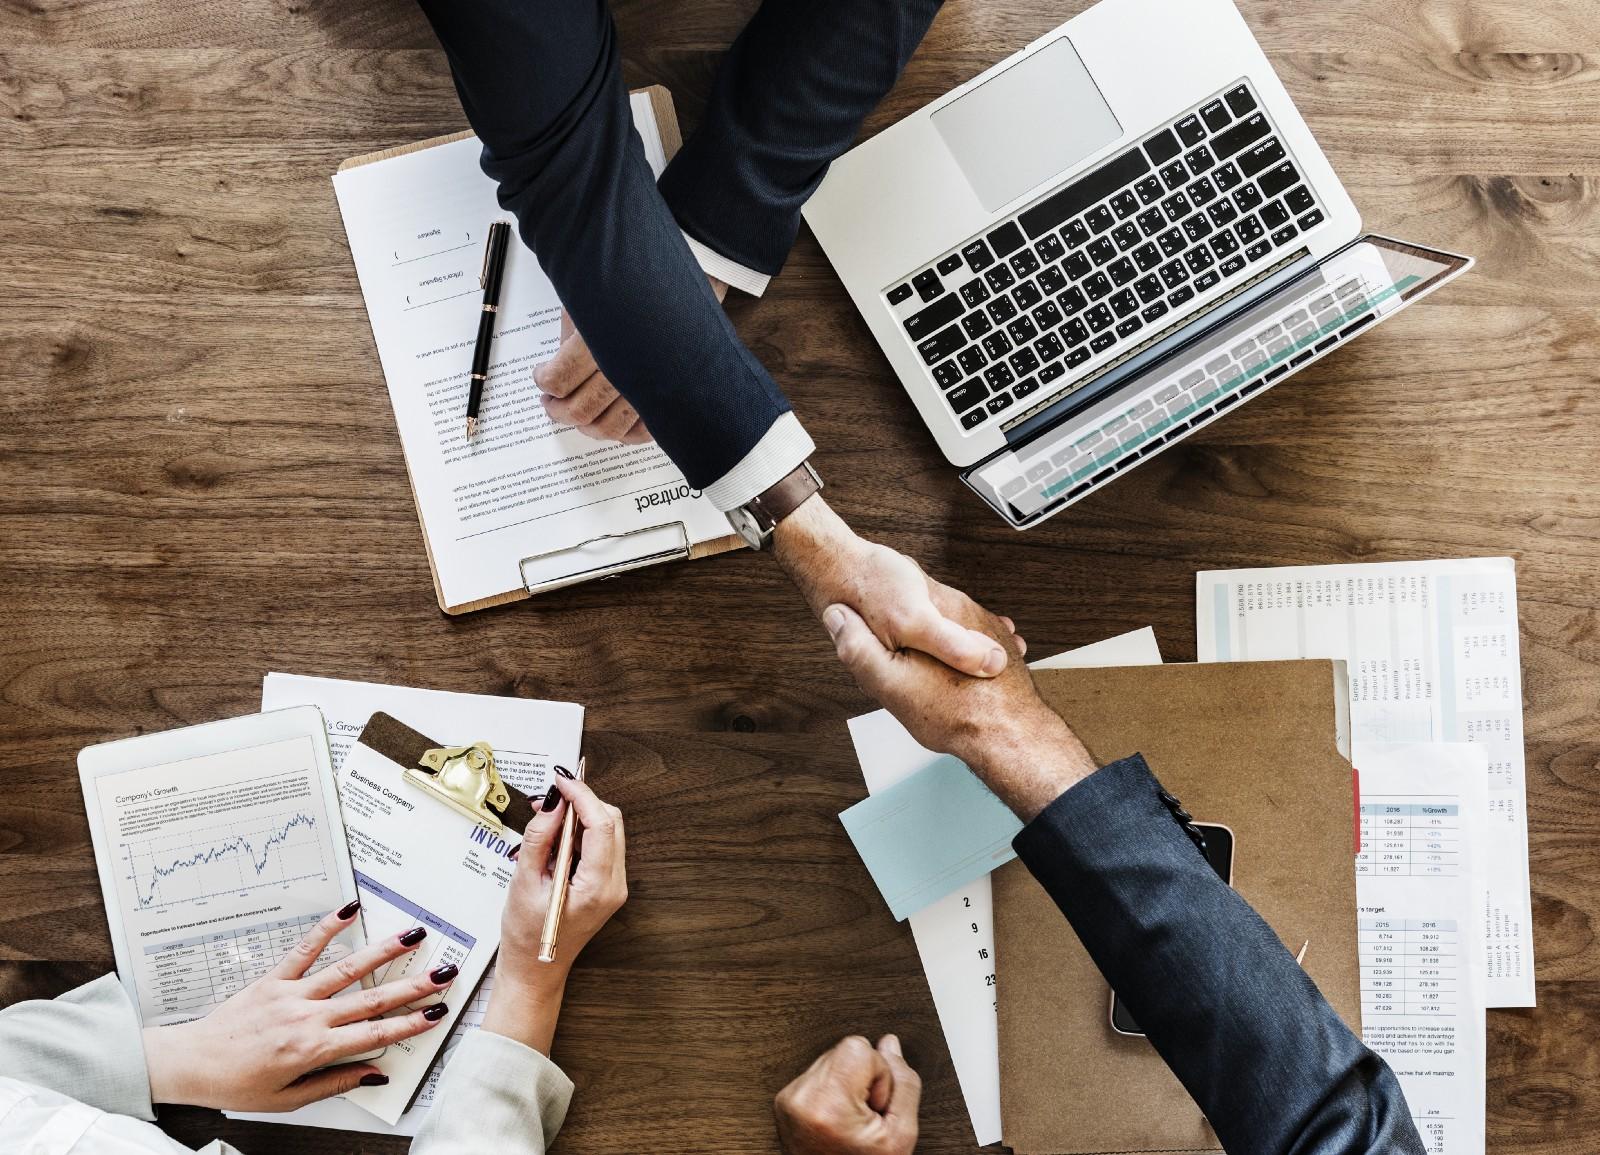 Tips, herramientas y recomendaciones para gestionar proyectos en la vidareal